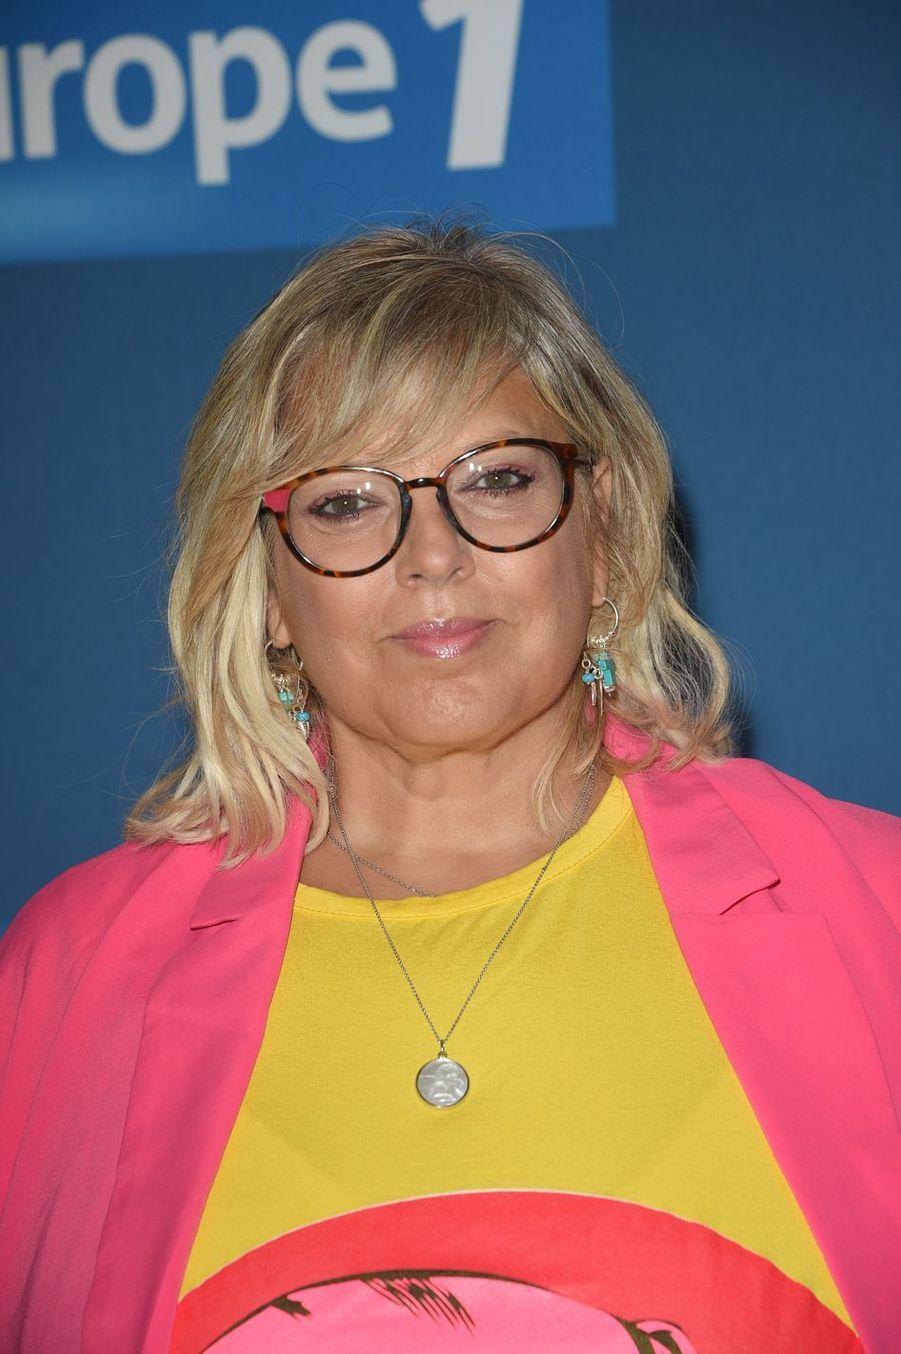 Laurence Boccolini a essayé à plusieurs reprises d'avoir un enfant, comme elle l'avait confié dans son livre «Puisque les cigognes ont perdu mon adresse» (2008). Elle est finalement devenue la maman d'une petite Willow (née en 2013), qu'elle et son épouxMickaël Fakaïlo ont adoptée.